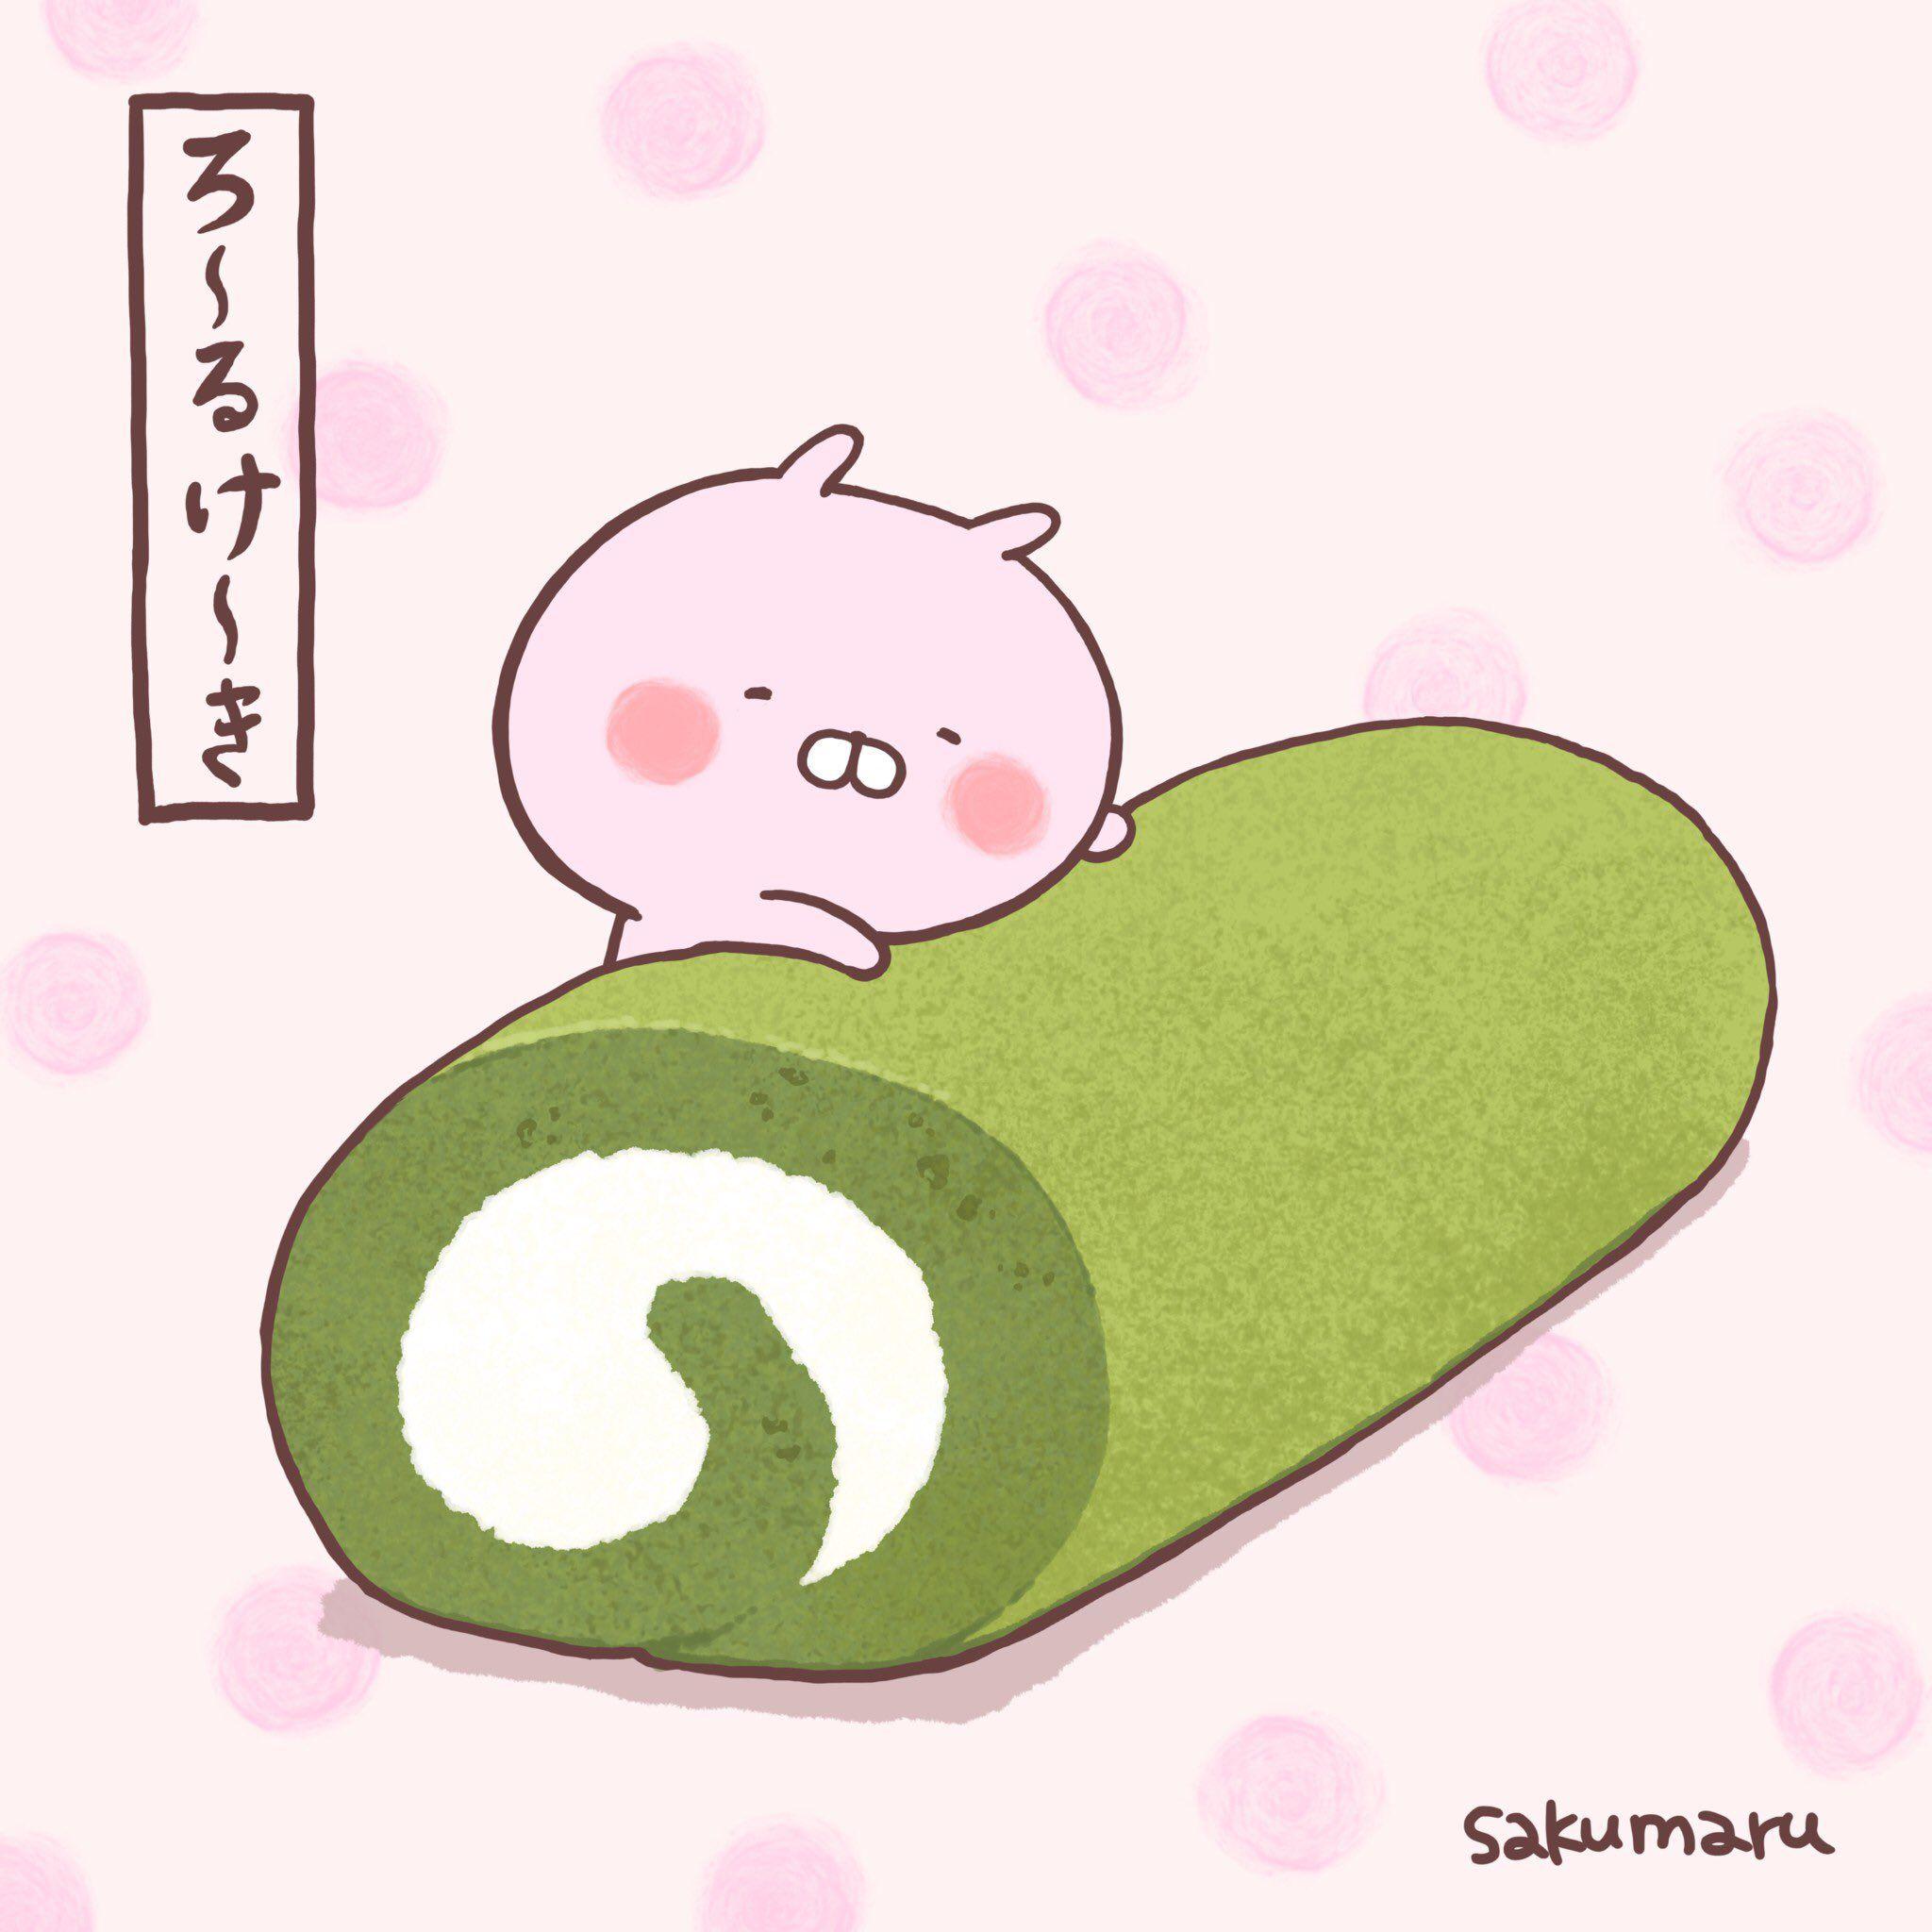 Sakumaru うさまるといっしょ Skmr 29 さん Twitter うさまる うさまる イラスト うさまる 壁紙